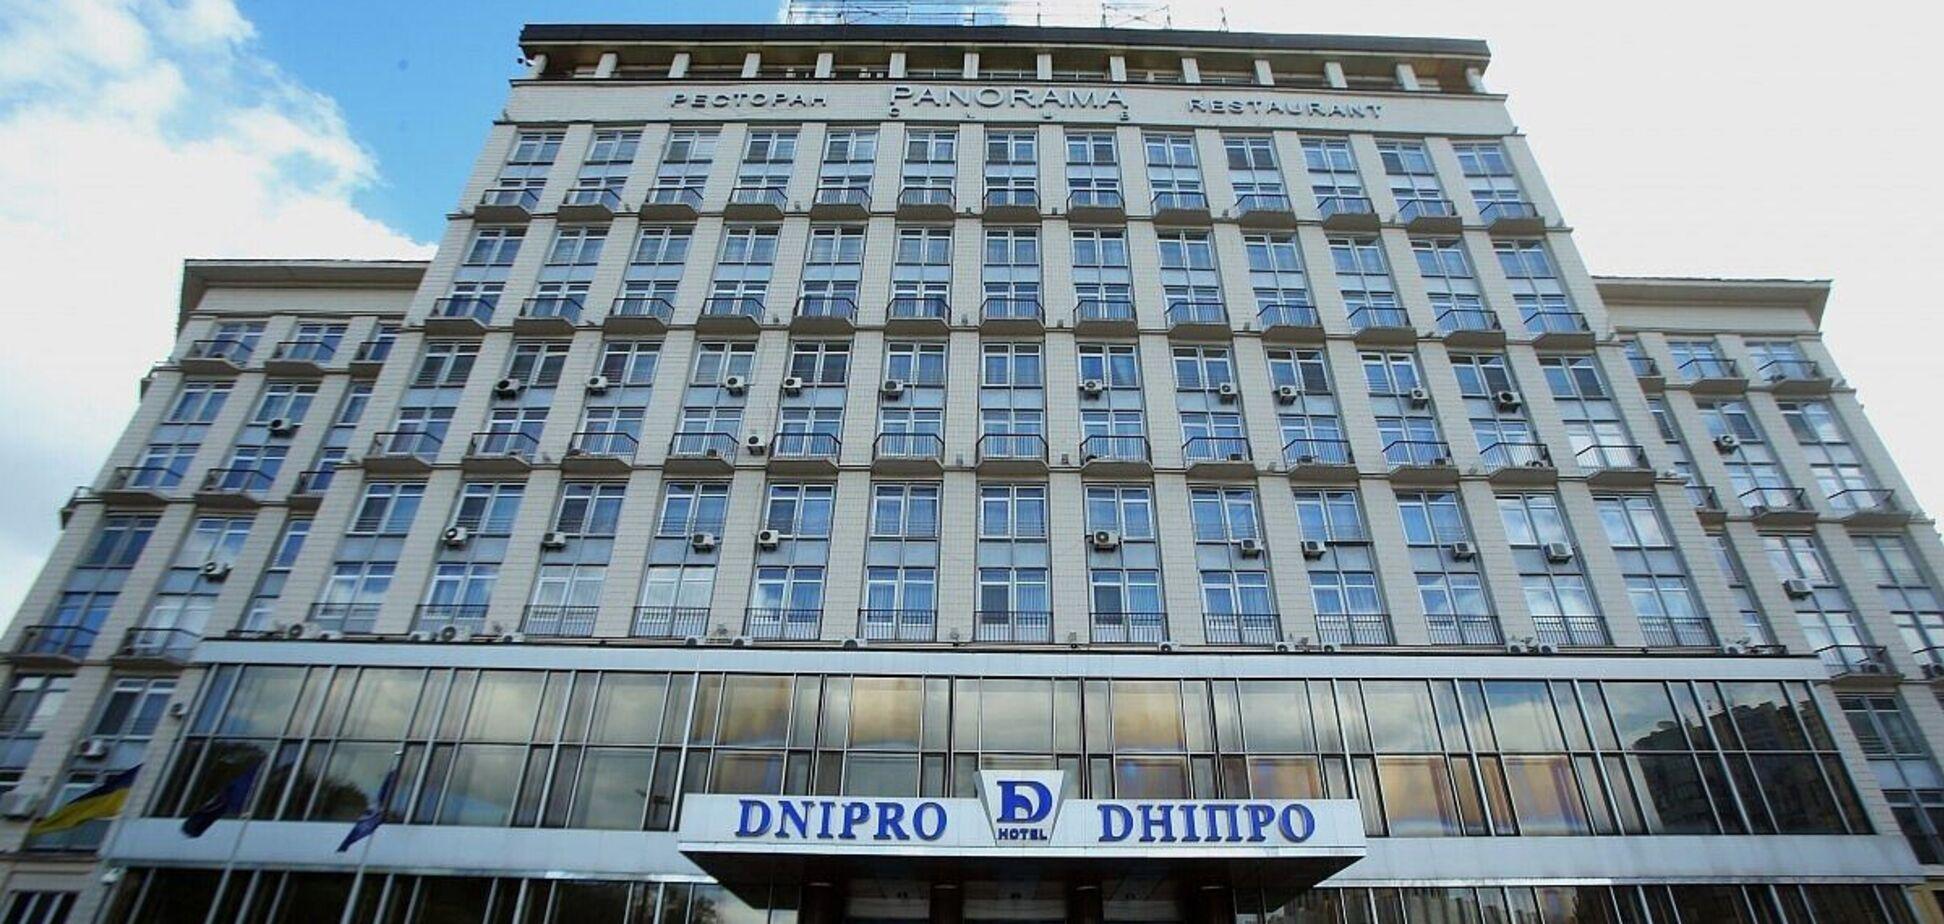 Київський готель 'Дніпро' остаточно продали російським олігархам